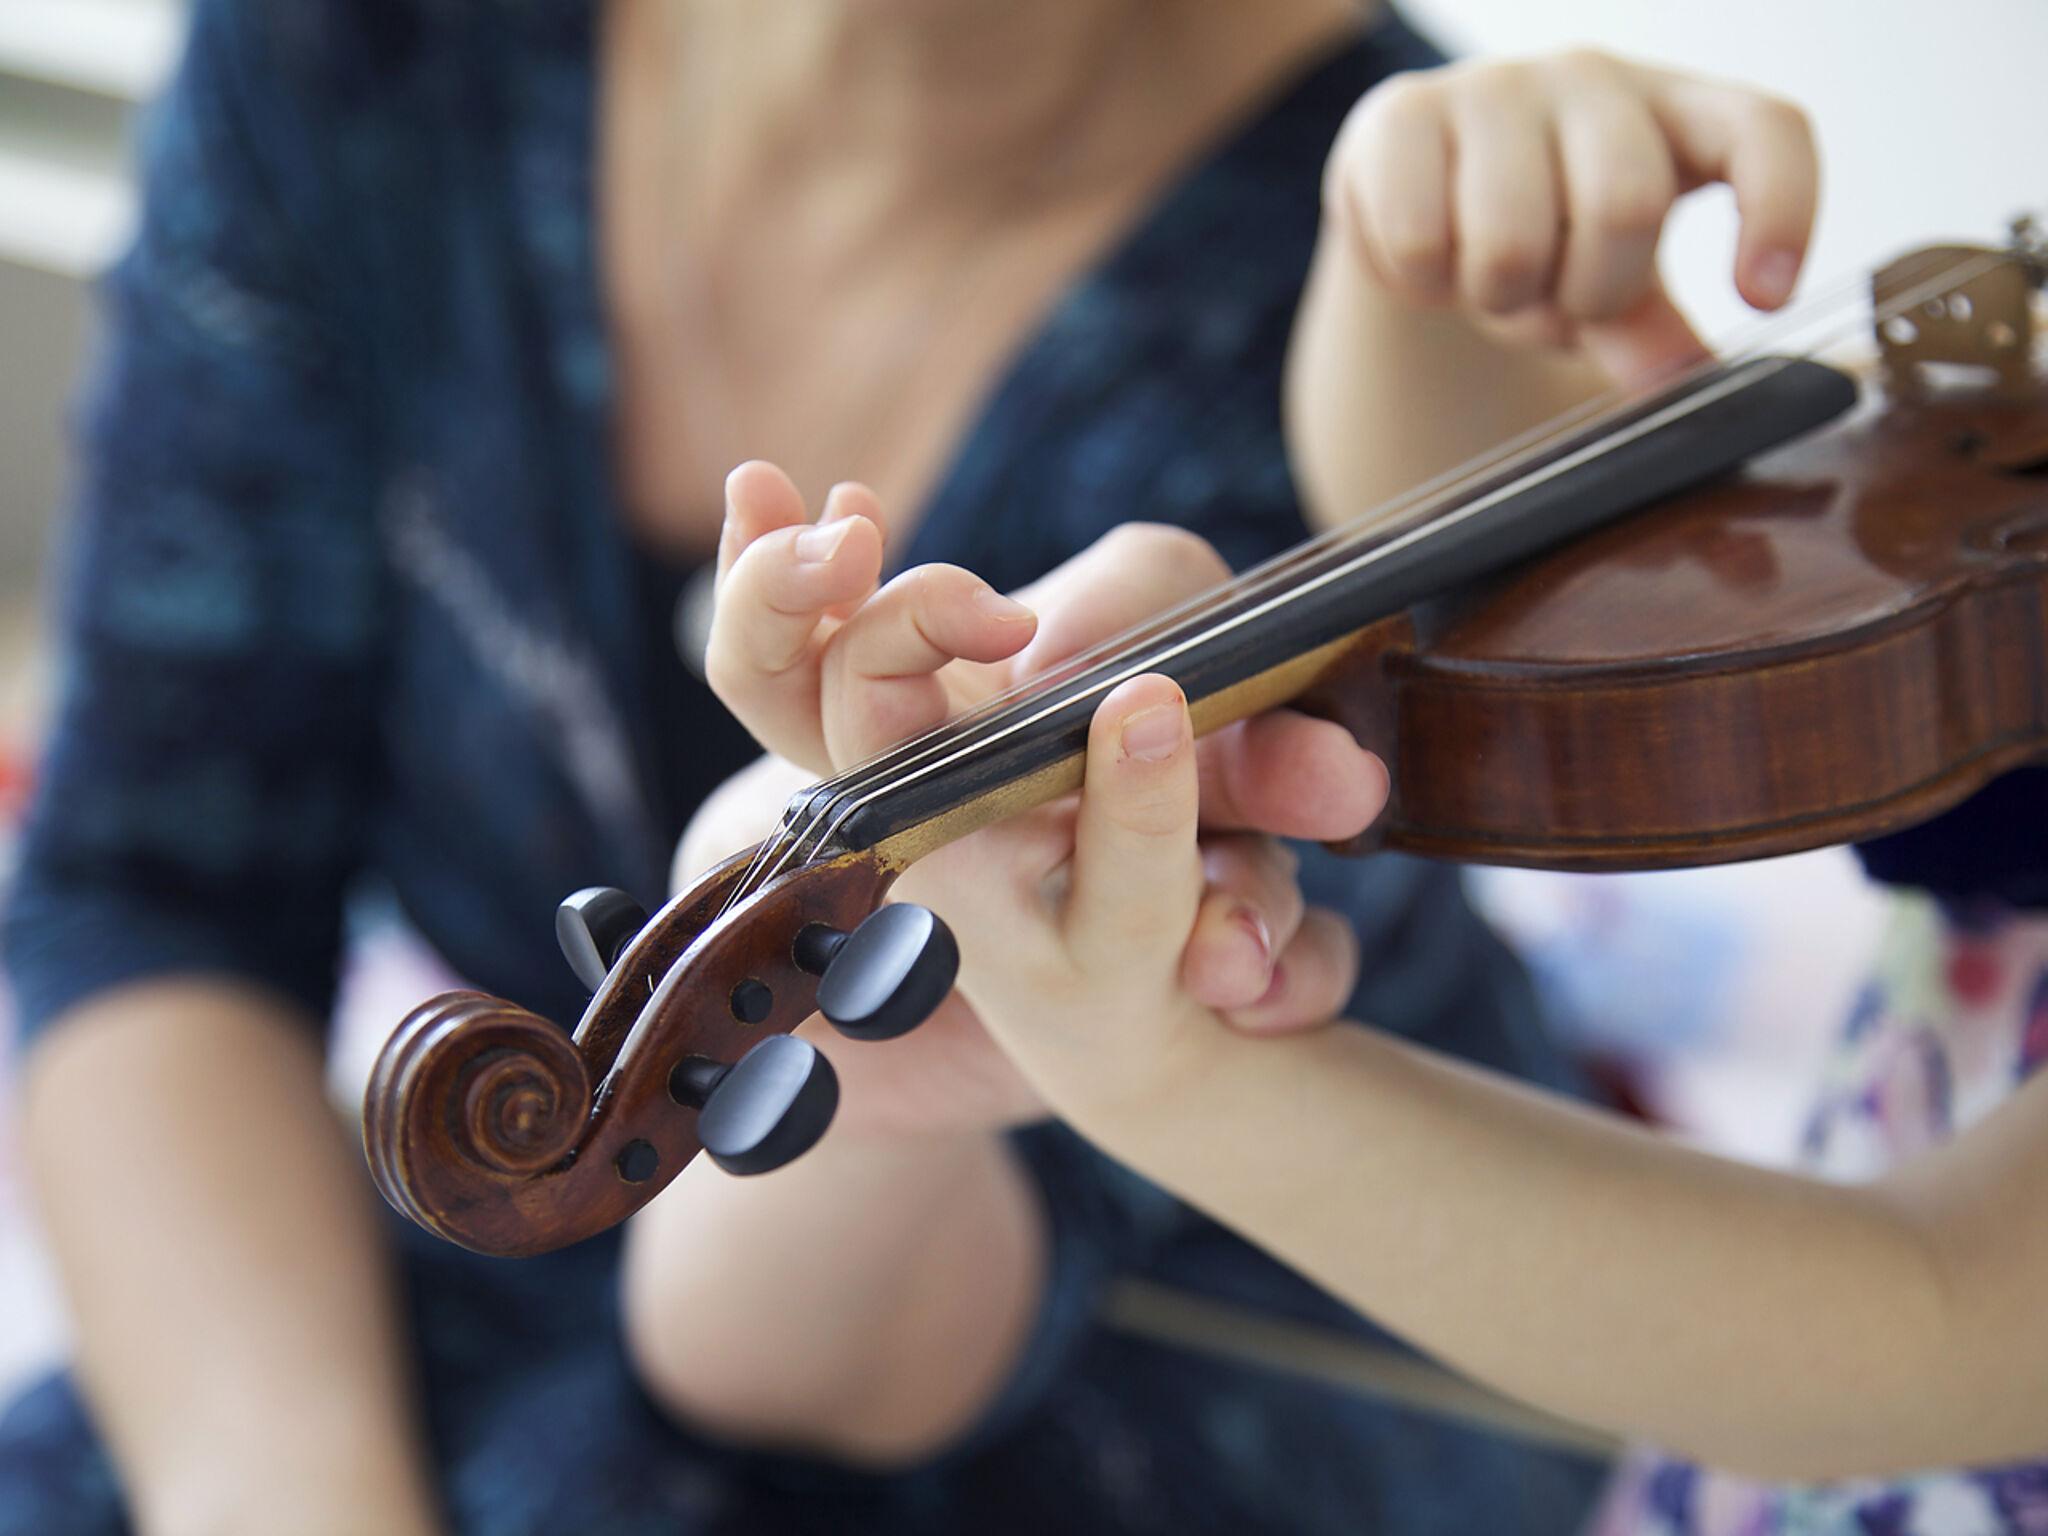 子どもが女性の先生にヴァイオリンを直接指導してもらっている画像